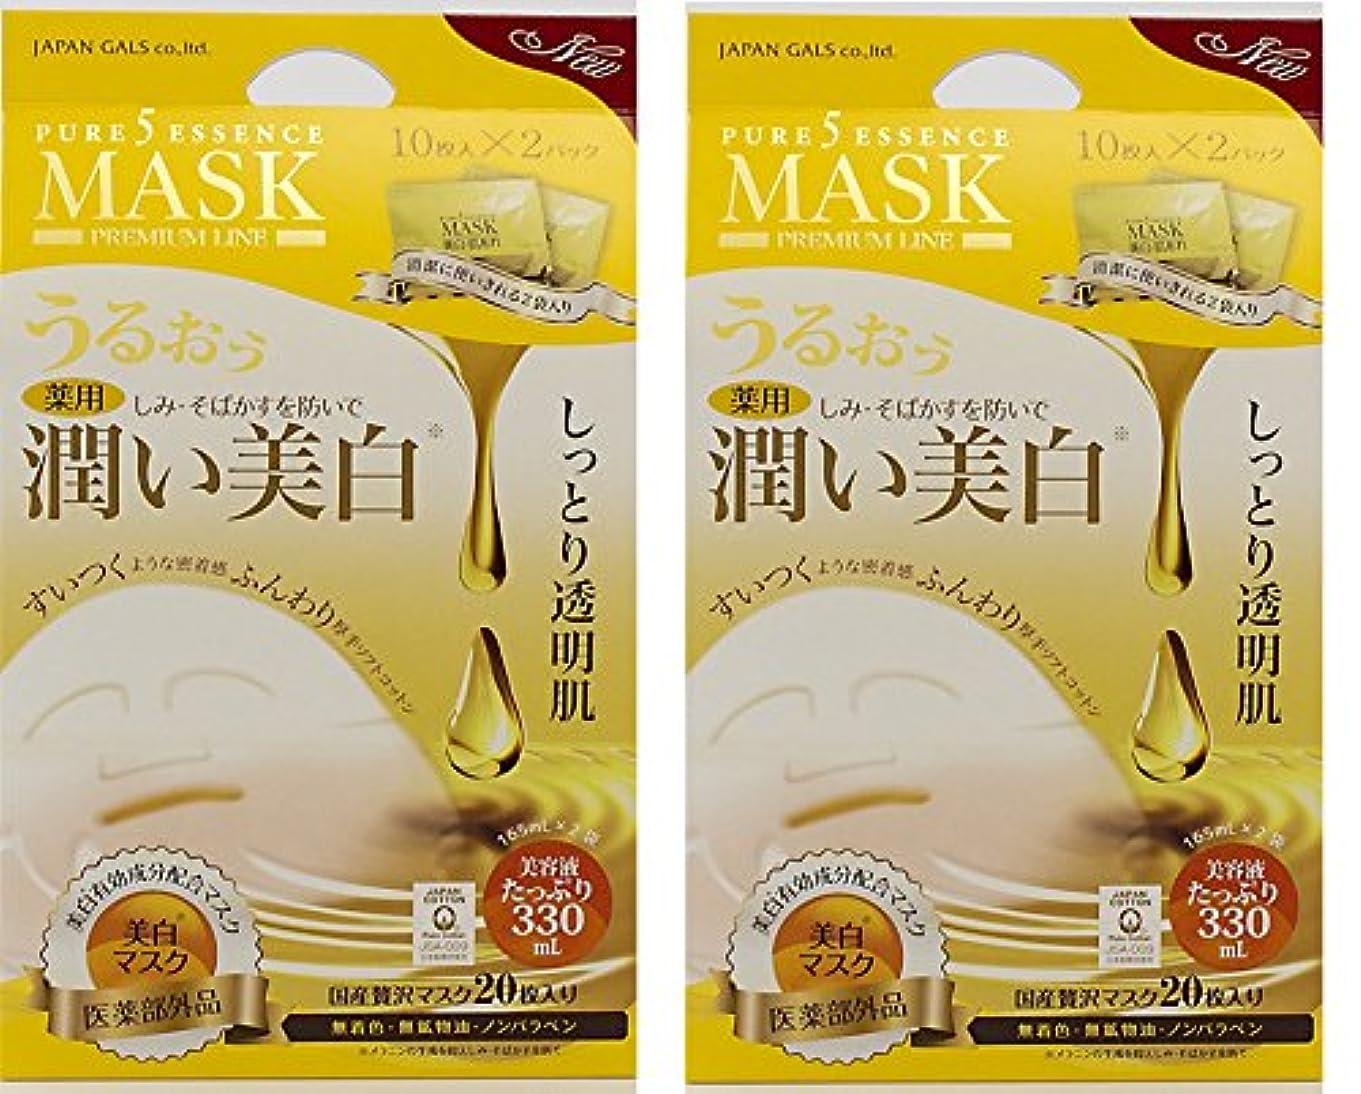 モロニック恩恵分岐する【お得なまとめ買い】ジャパンギャルズ ピュア5エッセンスマスク(薬用) 10枚入り×2袋【2個セット】